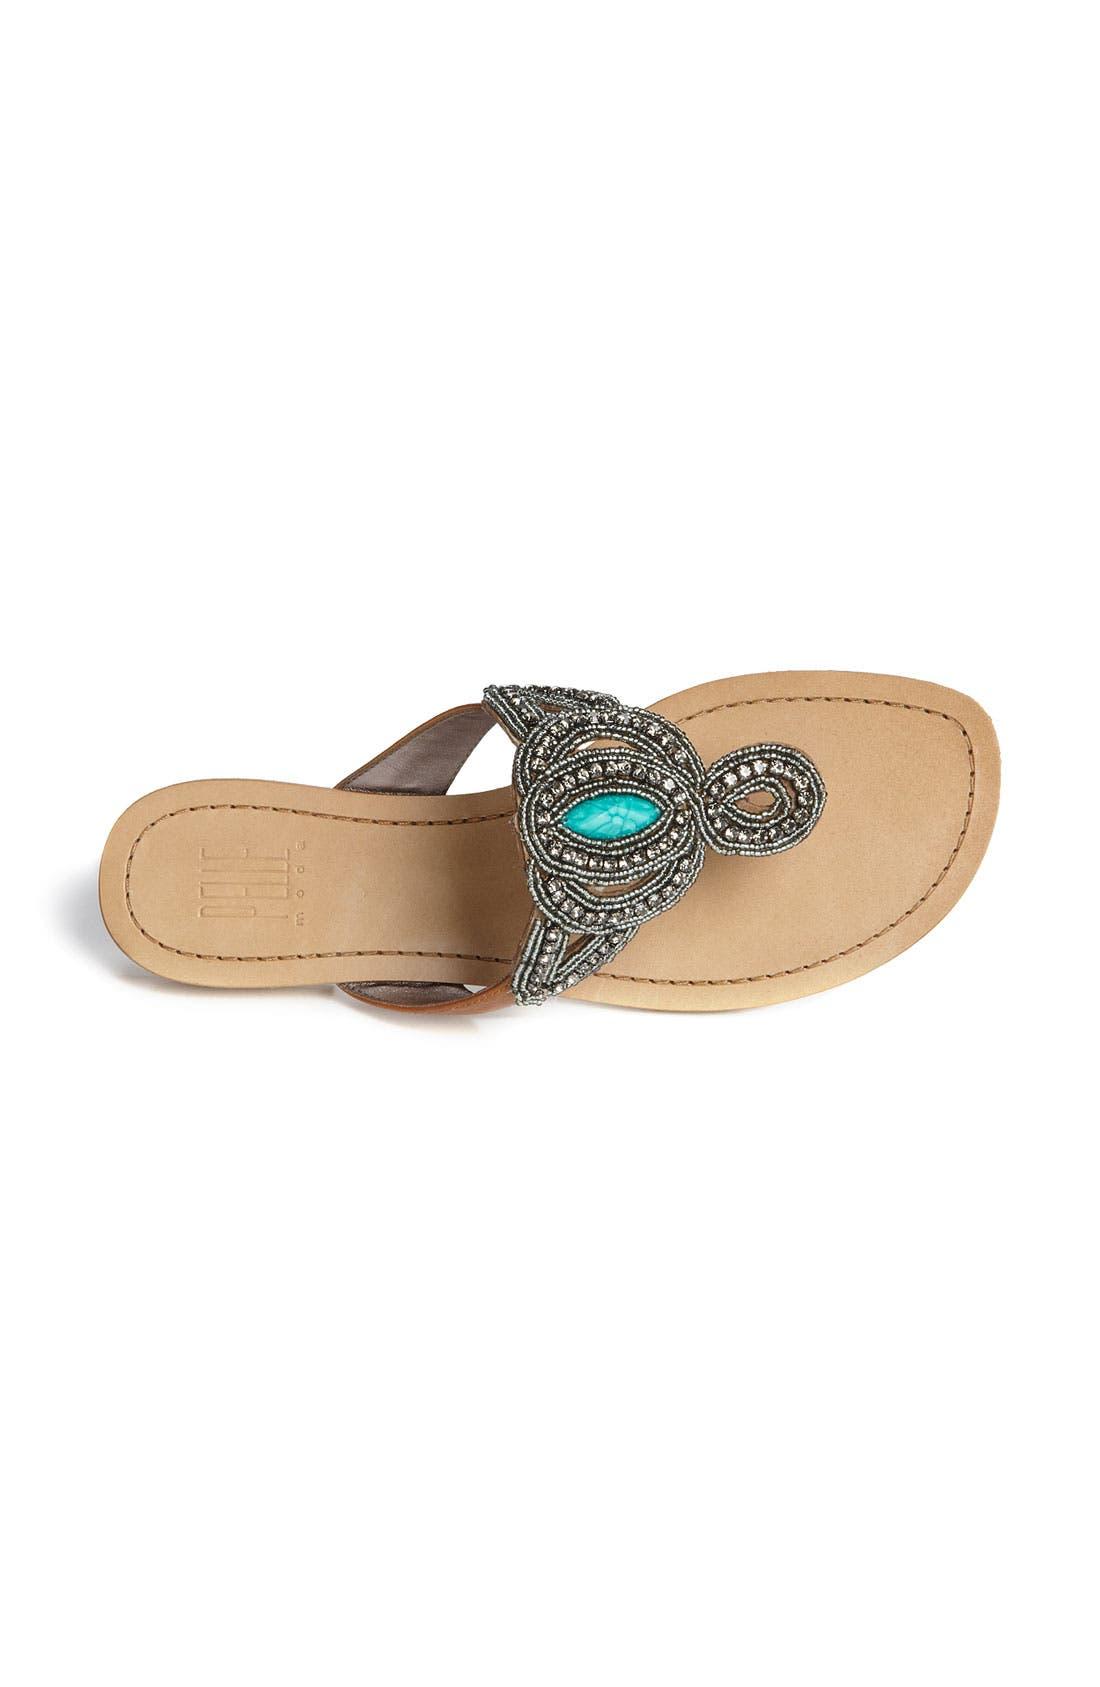 Alternate Image 3  - Pelle Moda 'Banta' Sandal